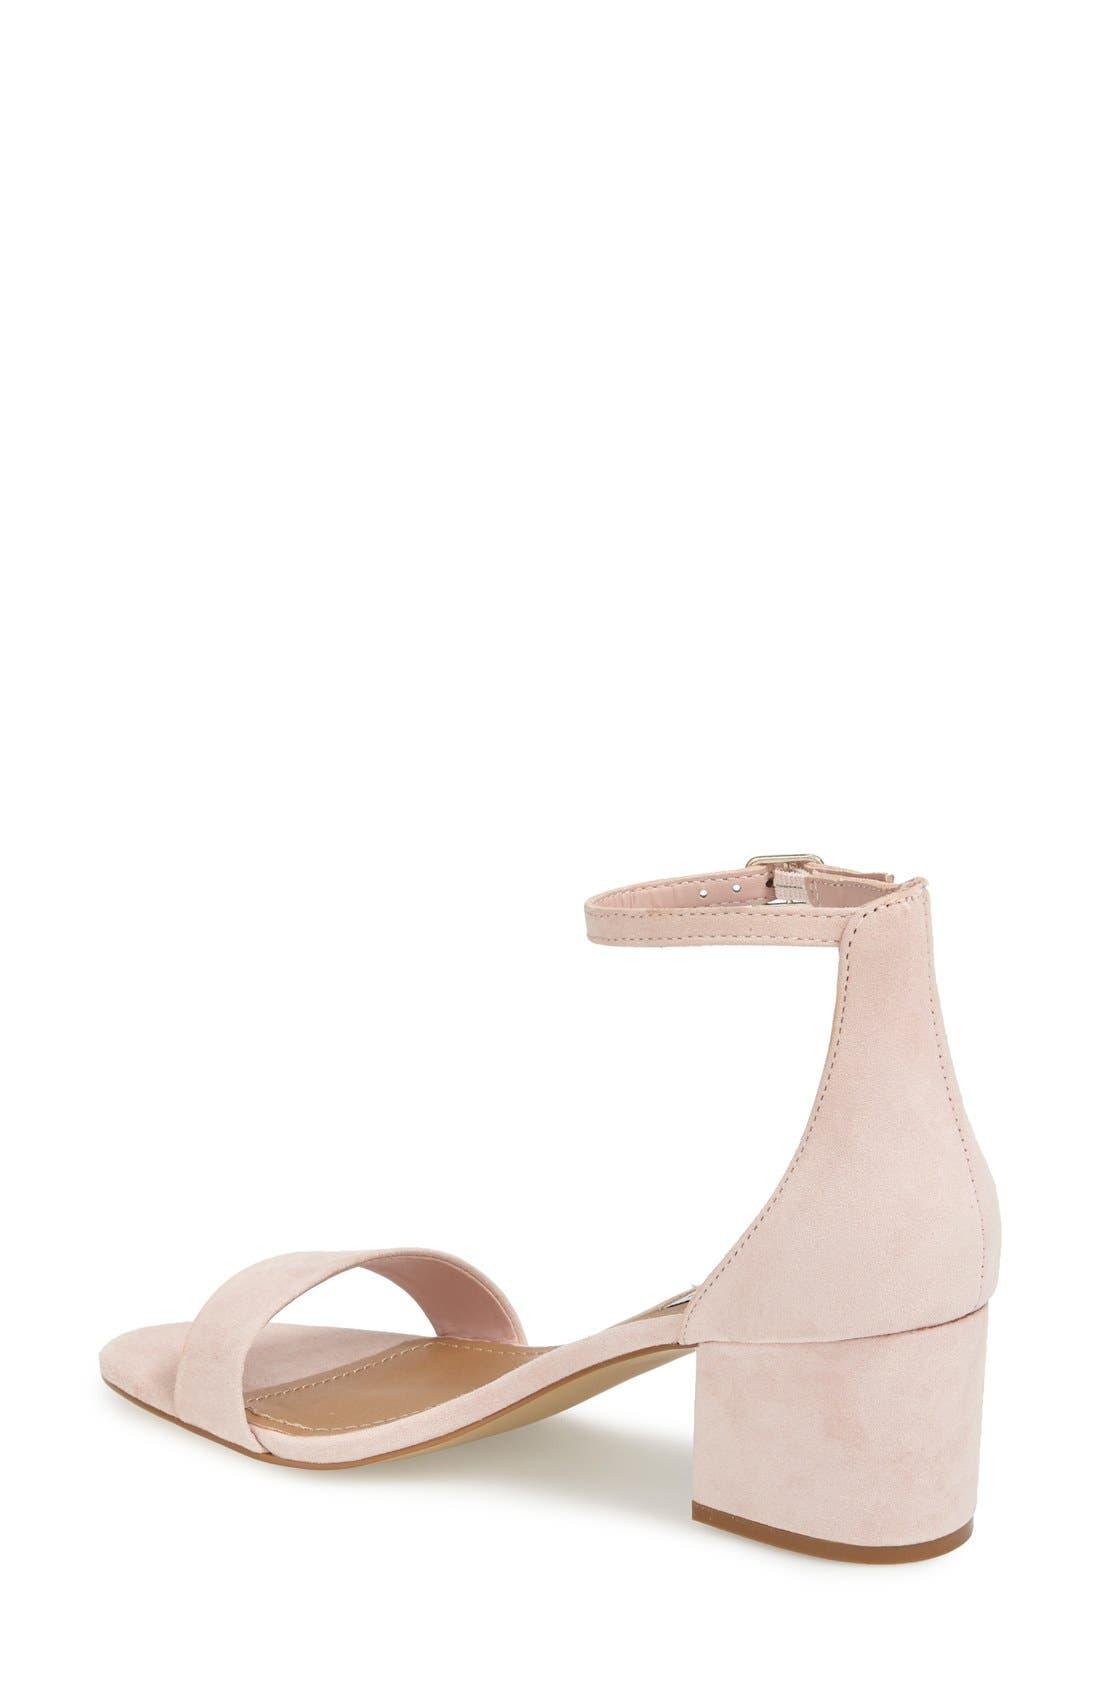 Irenee Ankle Strap Sandal,                             Alternate thumbnail 56, color,